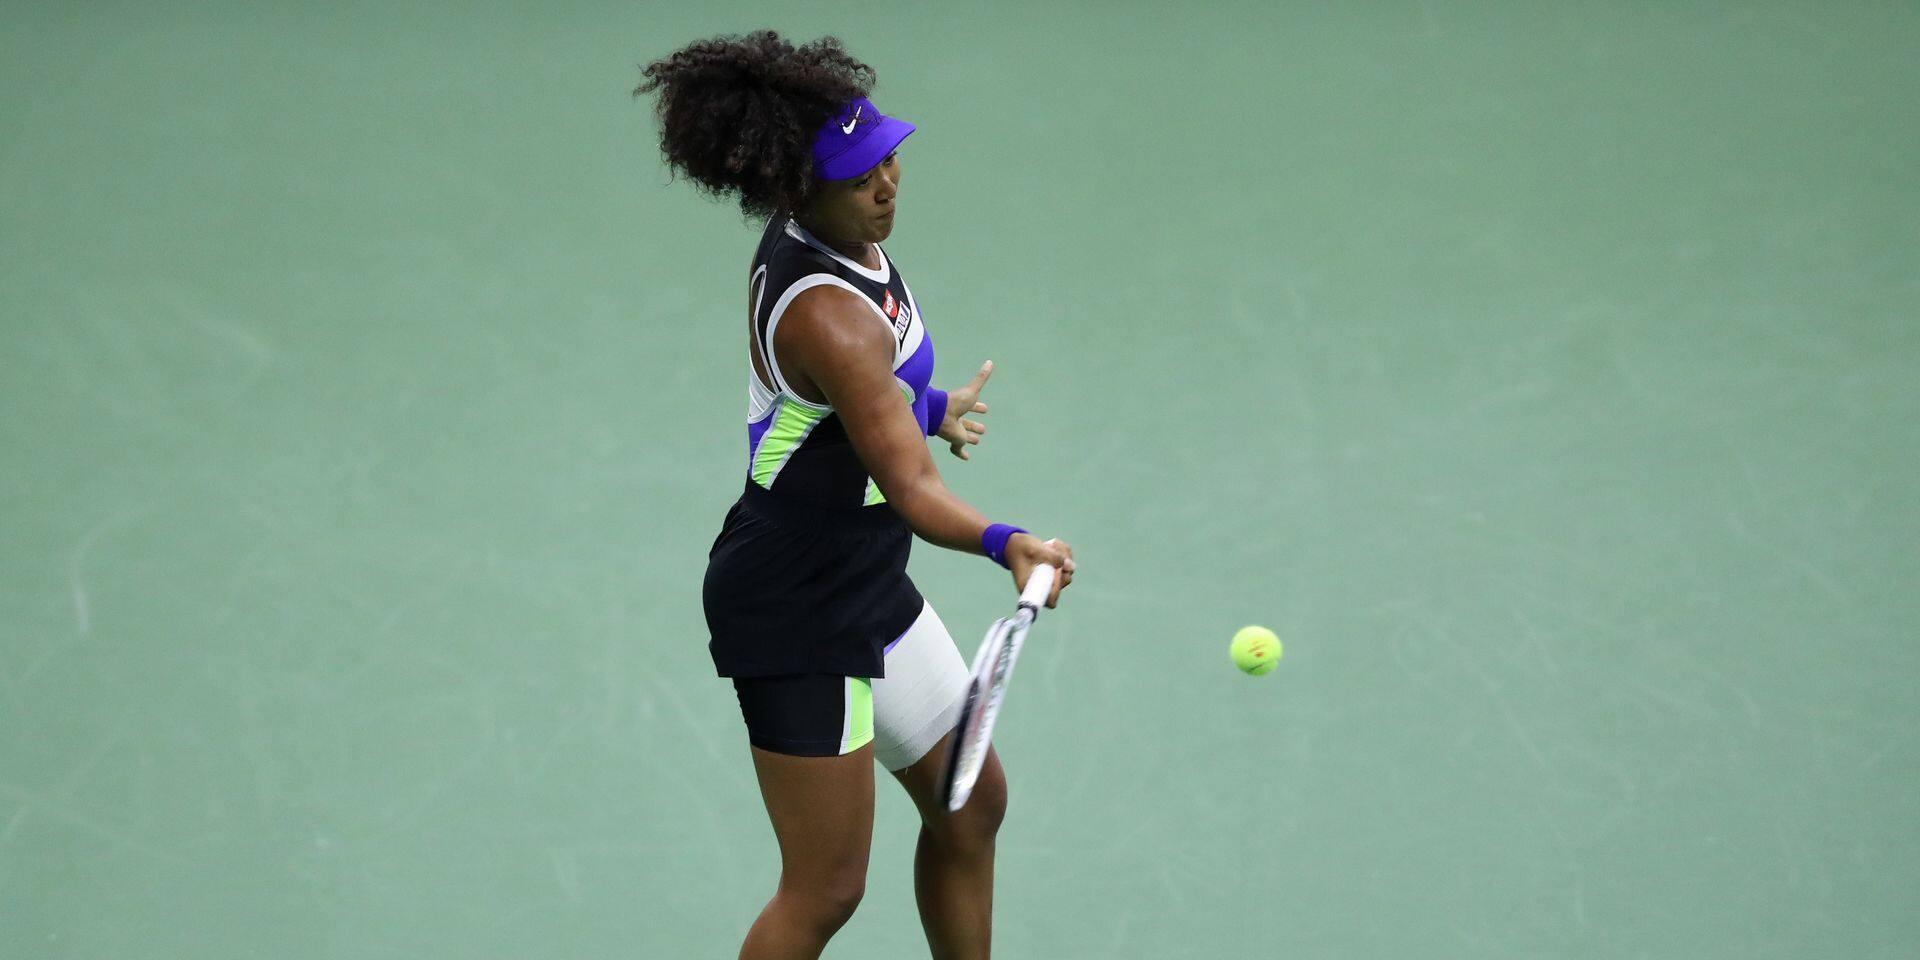 US Open: Naomi Osaka retrouve les demi-finales, Pablo Carreno qualifié également chez les hommes